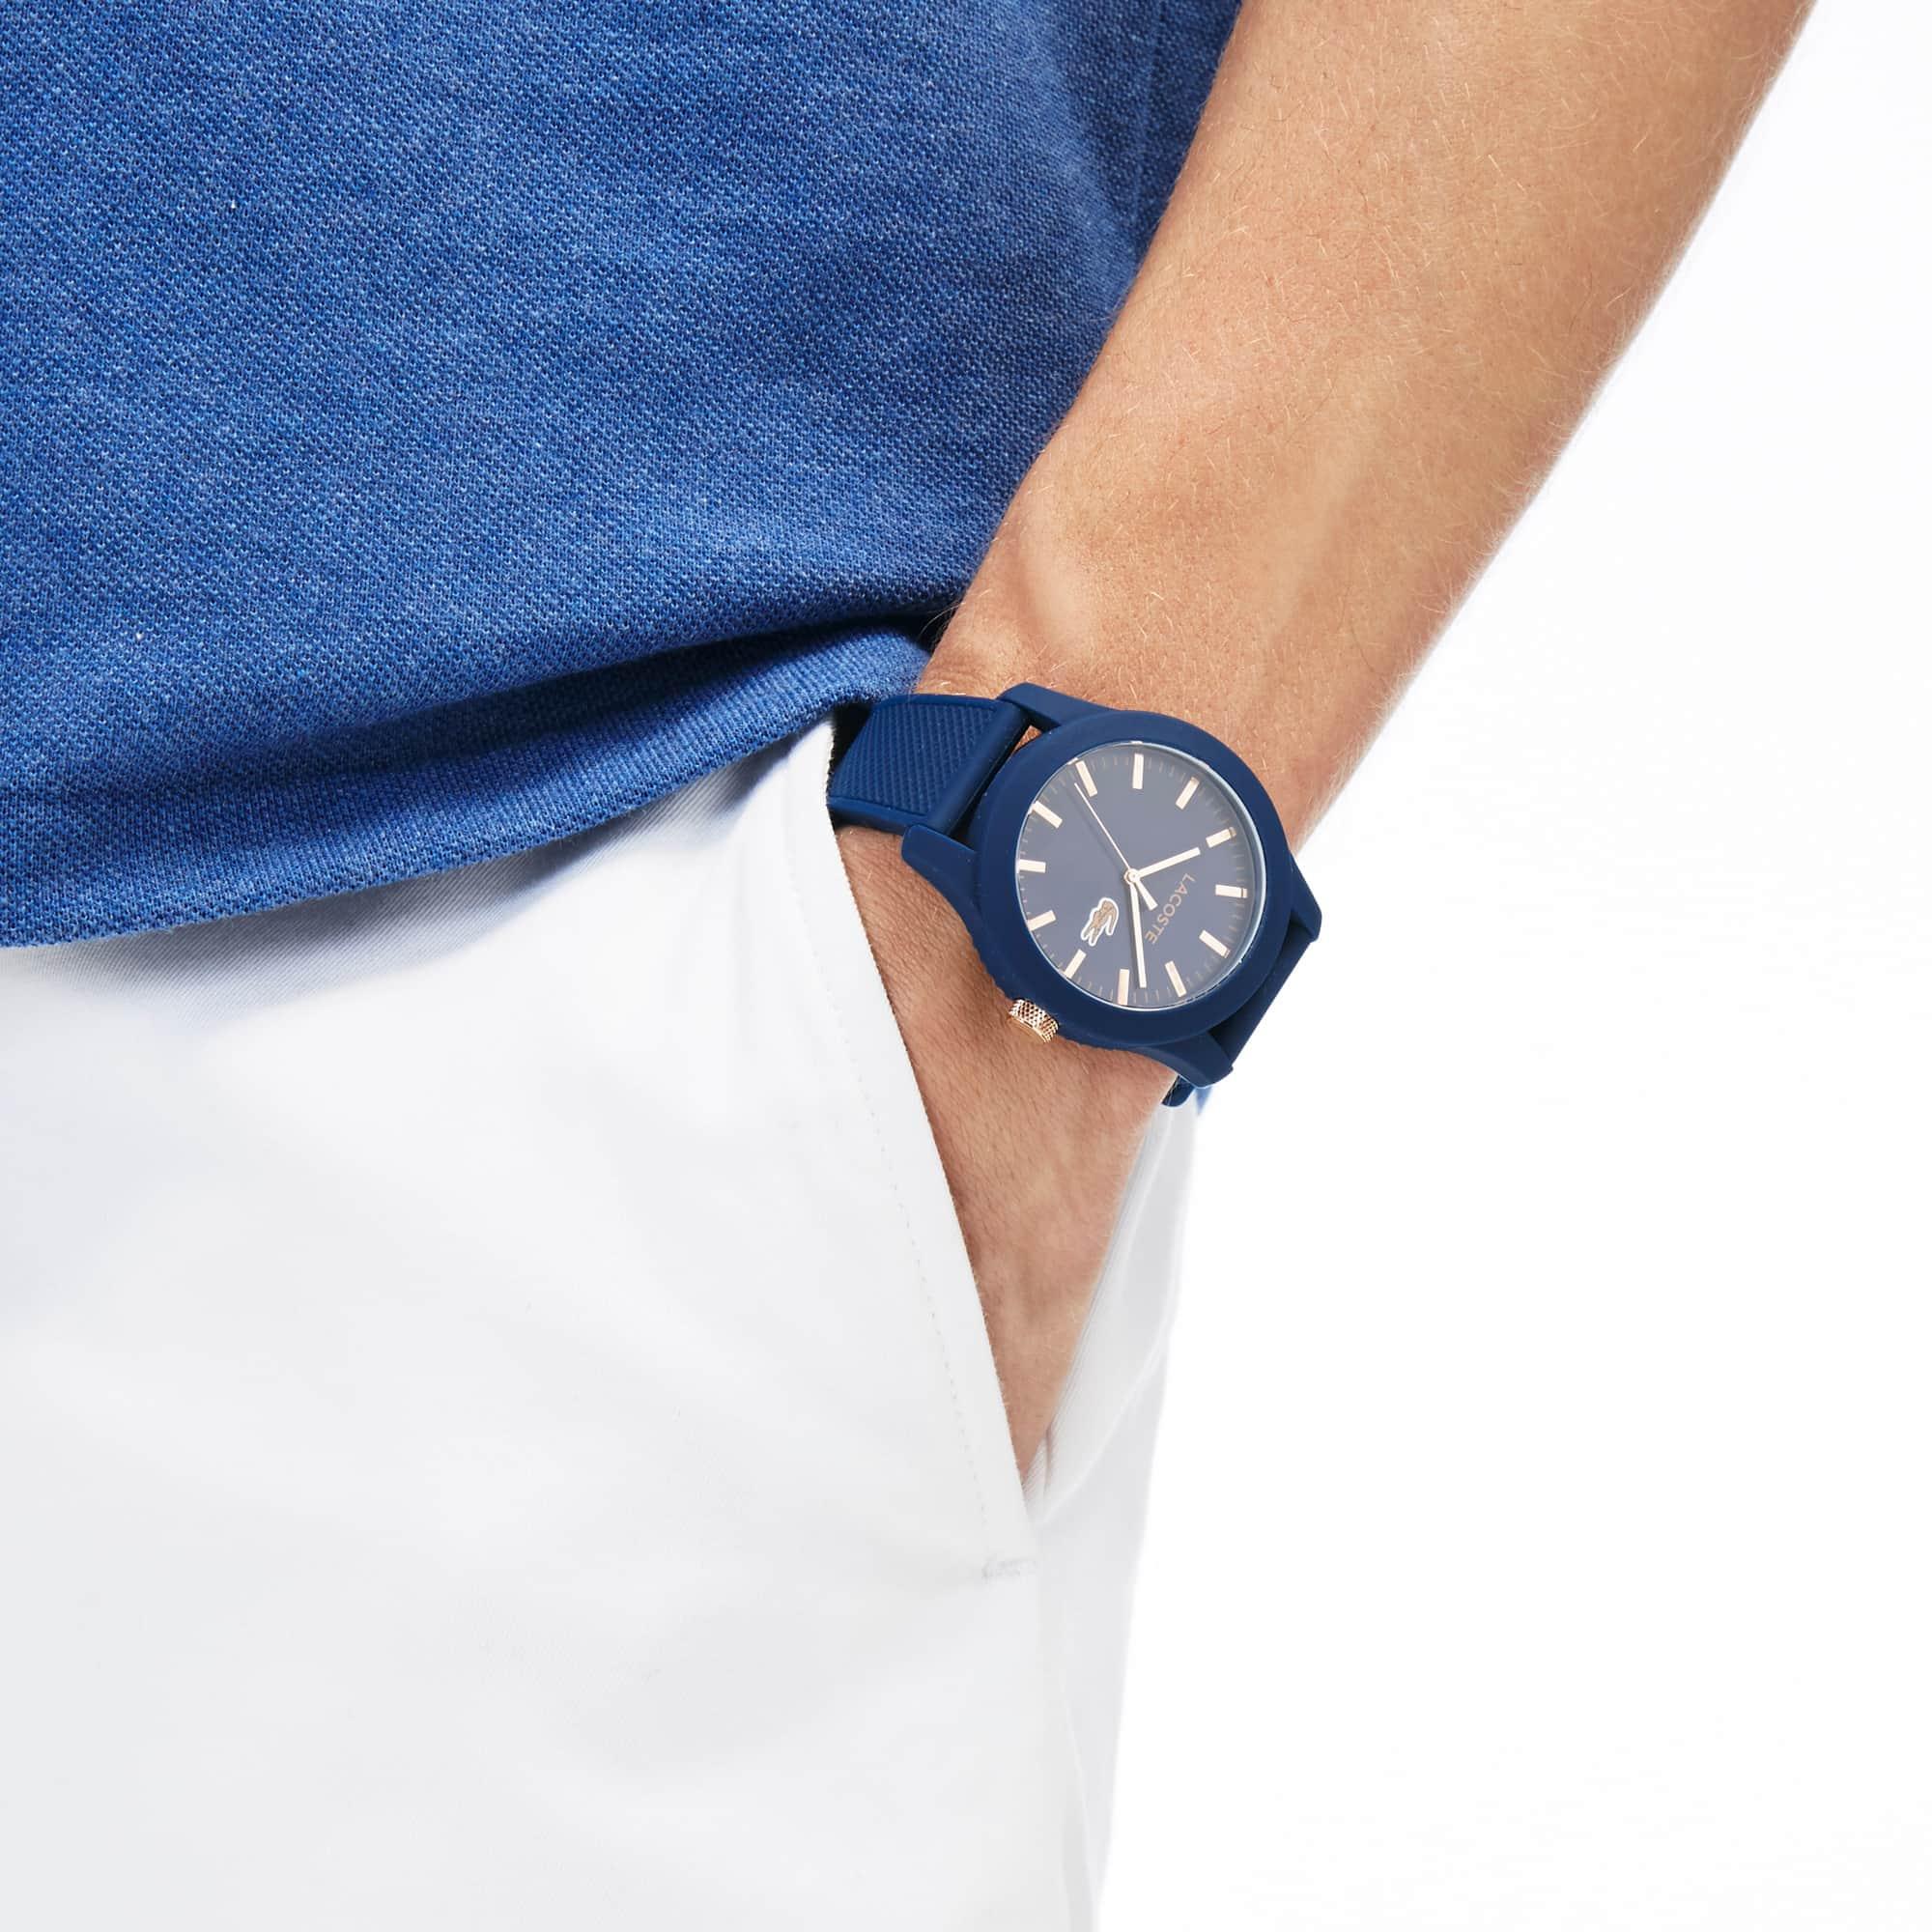 Relógio Lacoste 12.12 Homem com Bracelete em Silicone Azul